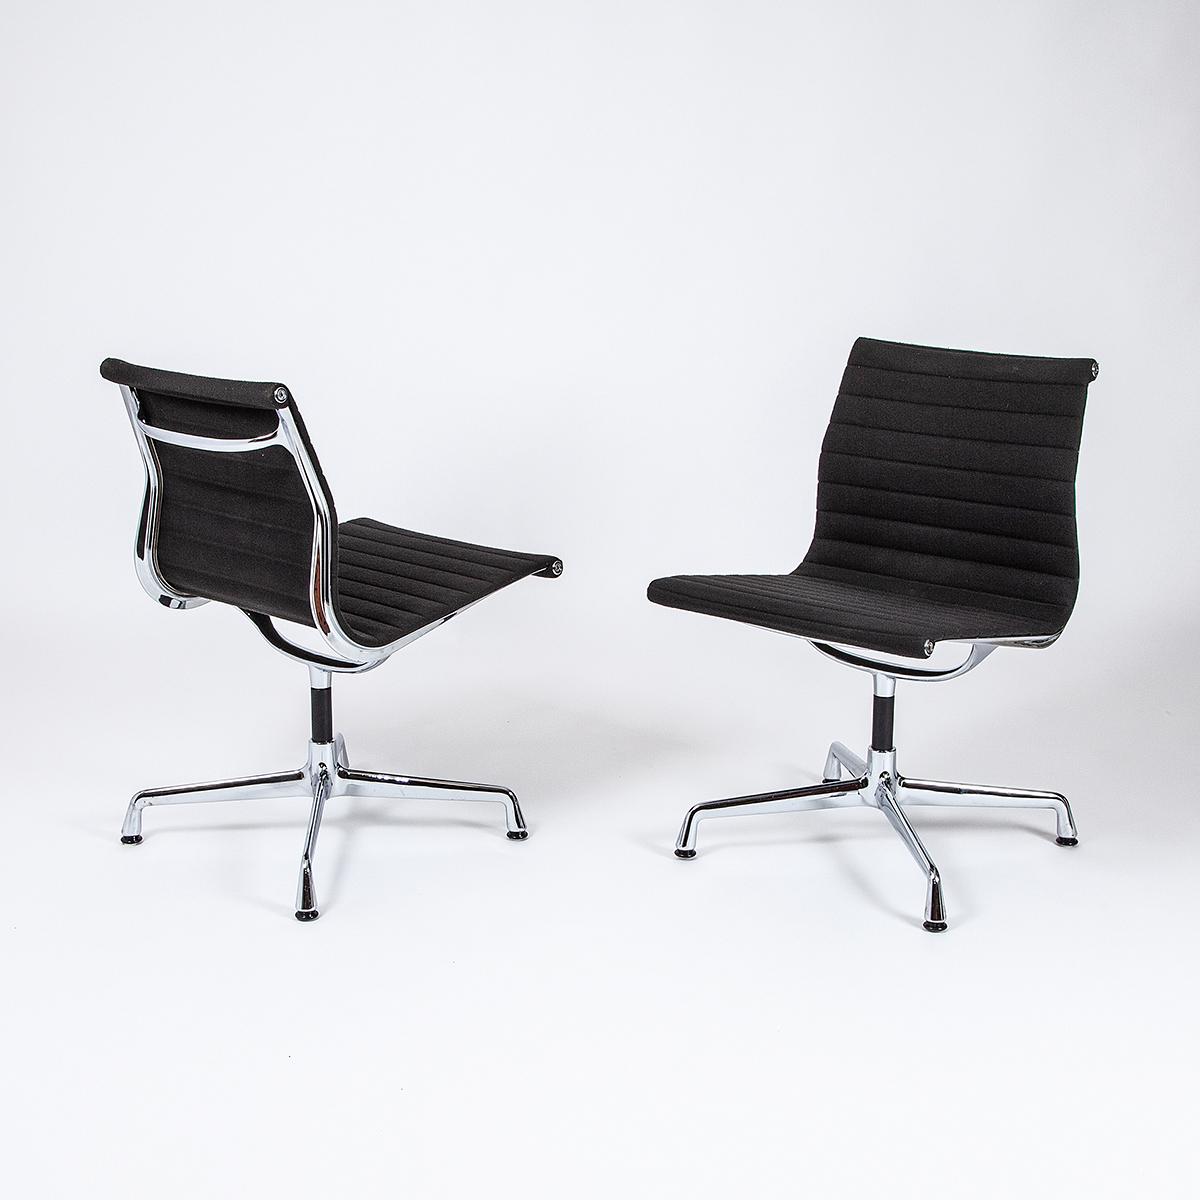 Vitra Aluminium Chair Für Eames Mit Stoffpolster 5 Stk Möbel